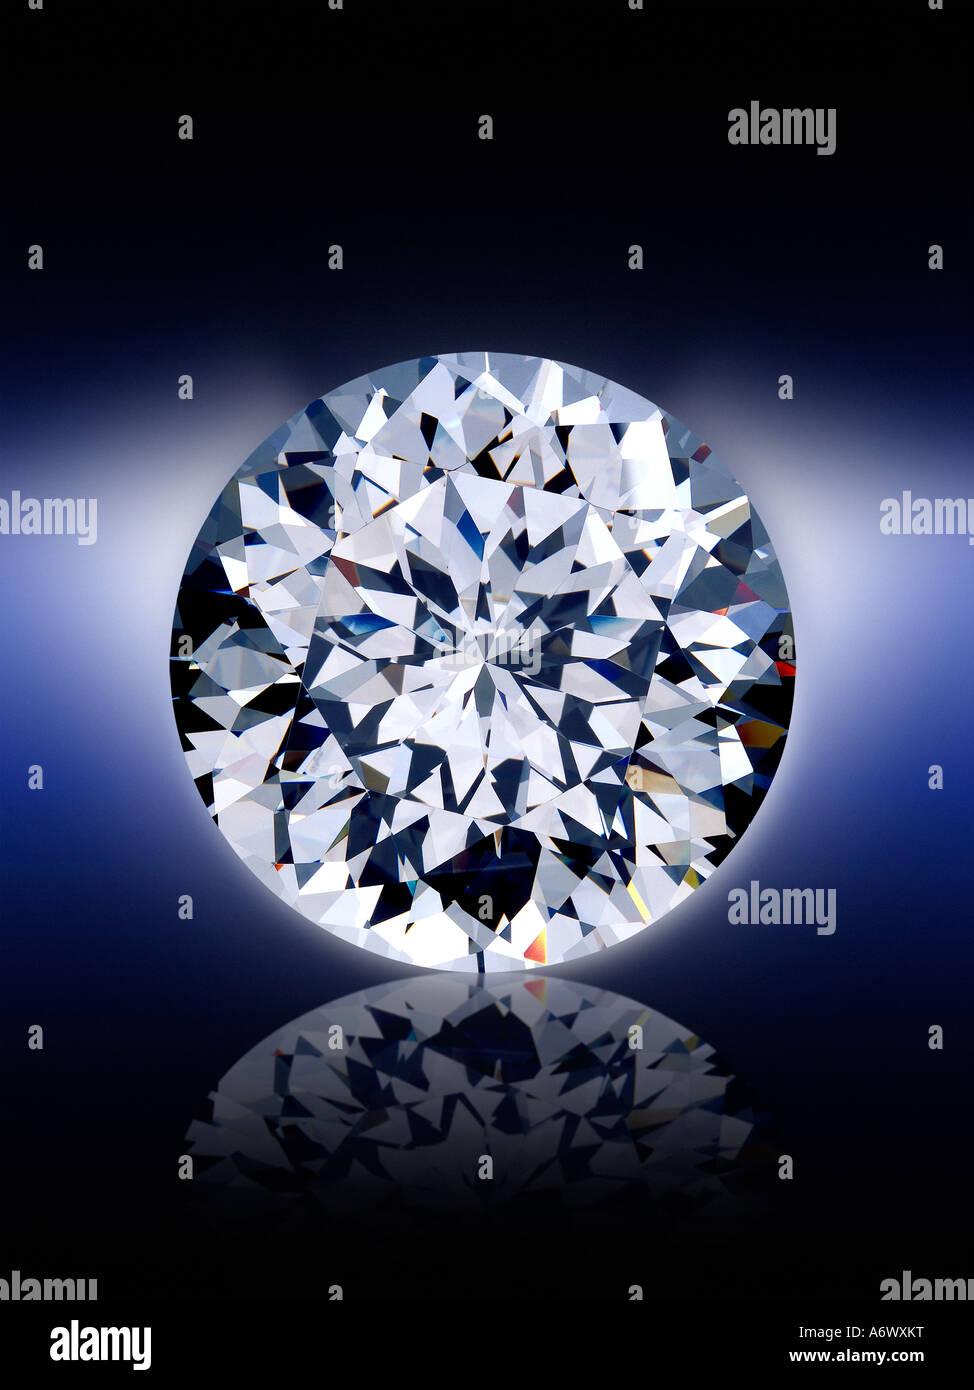 Cierre de un brillante diamante cortado Imagen De Stock